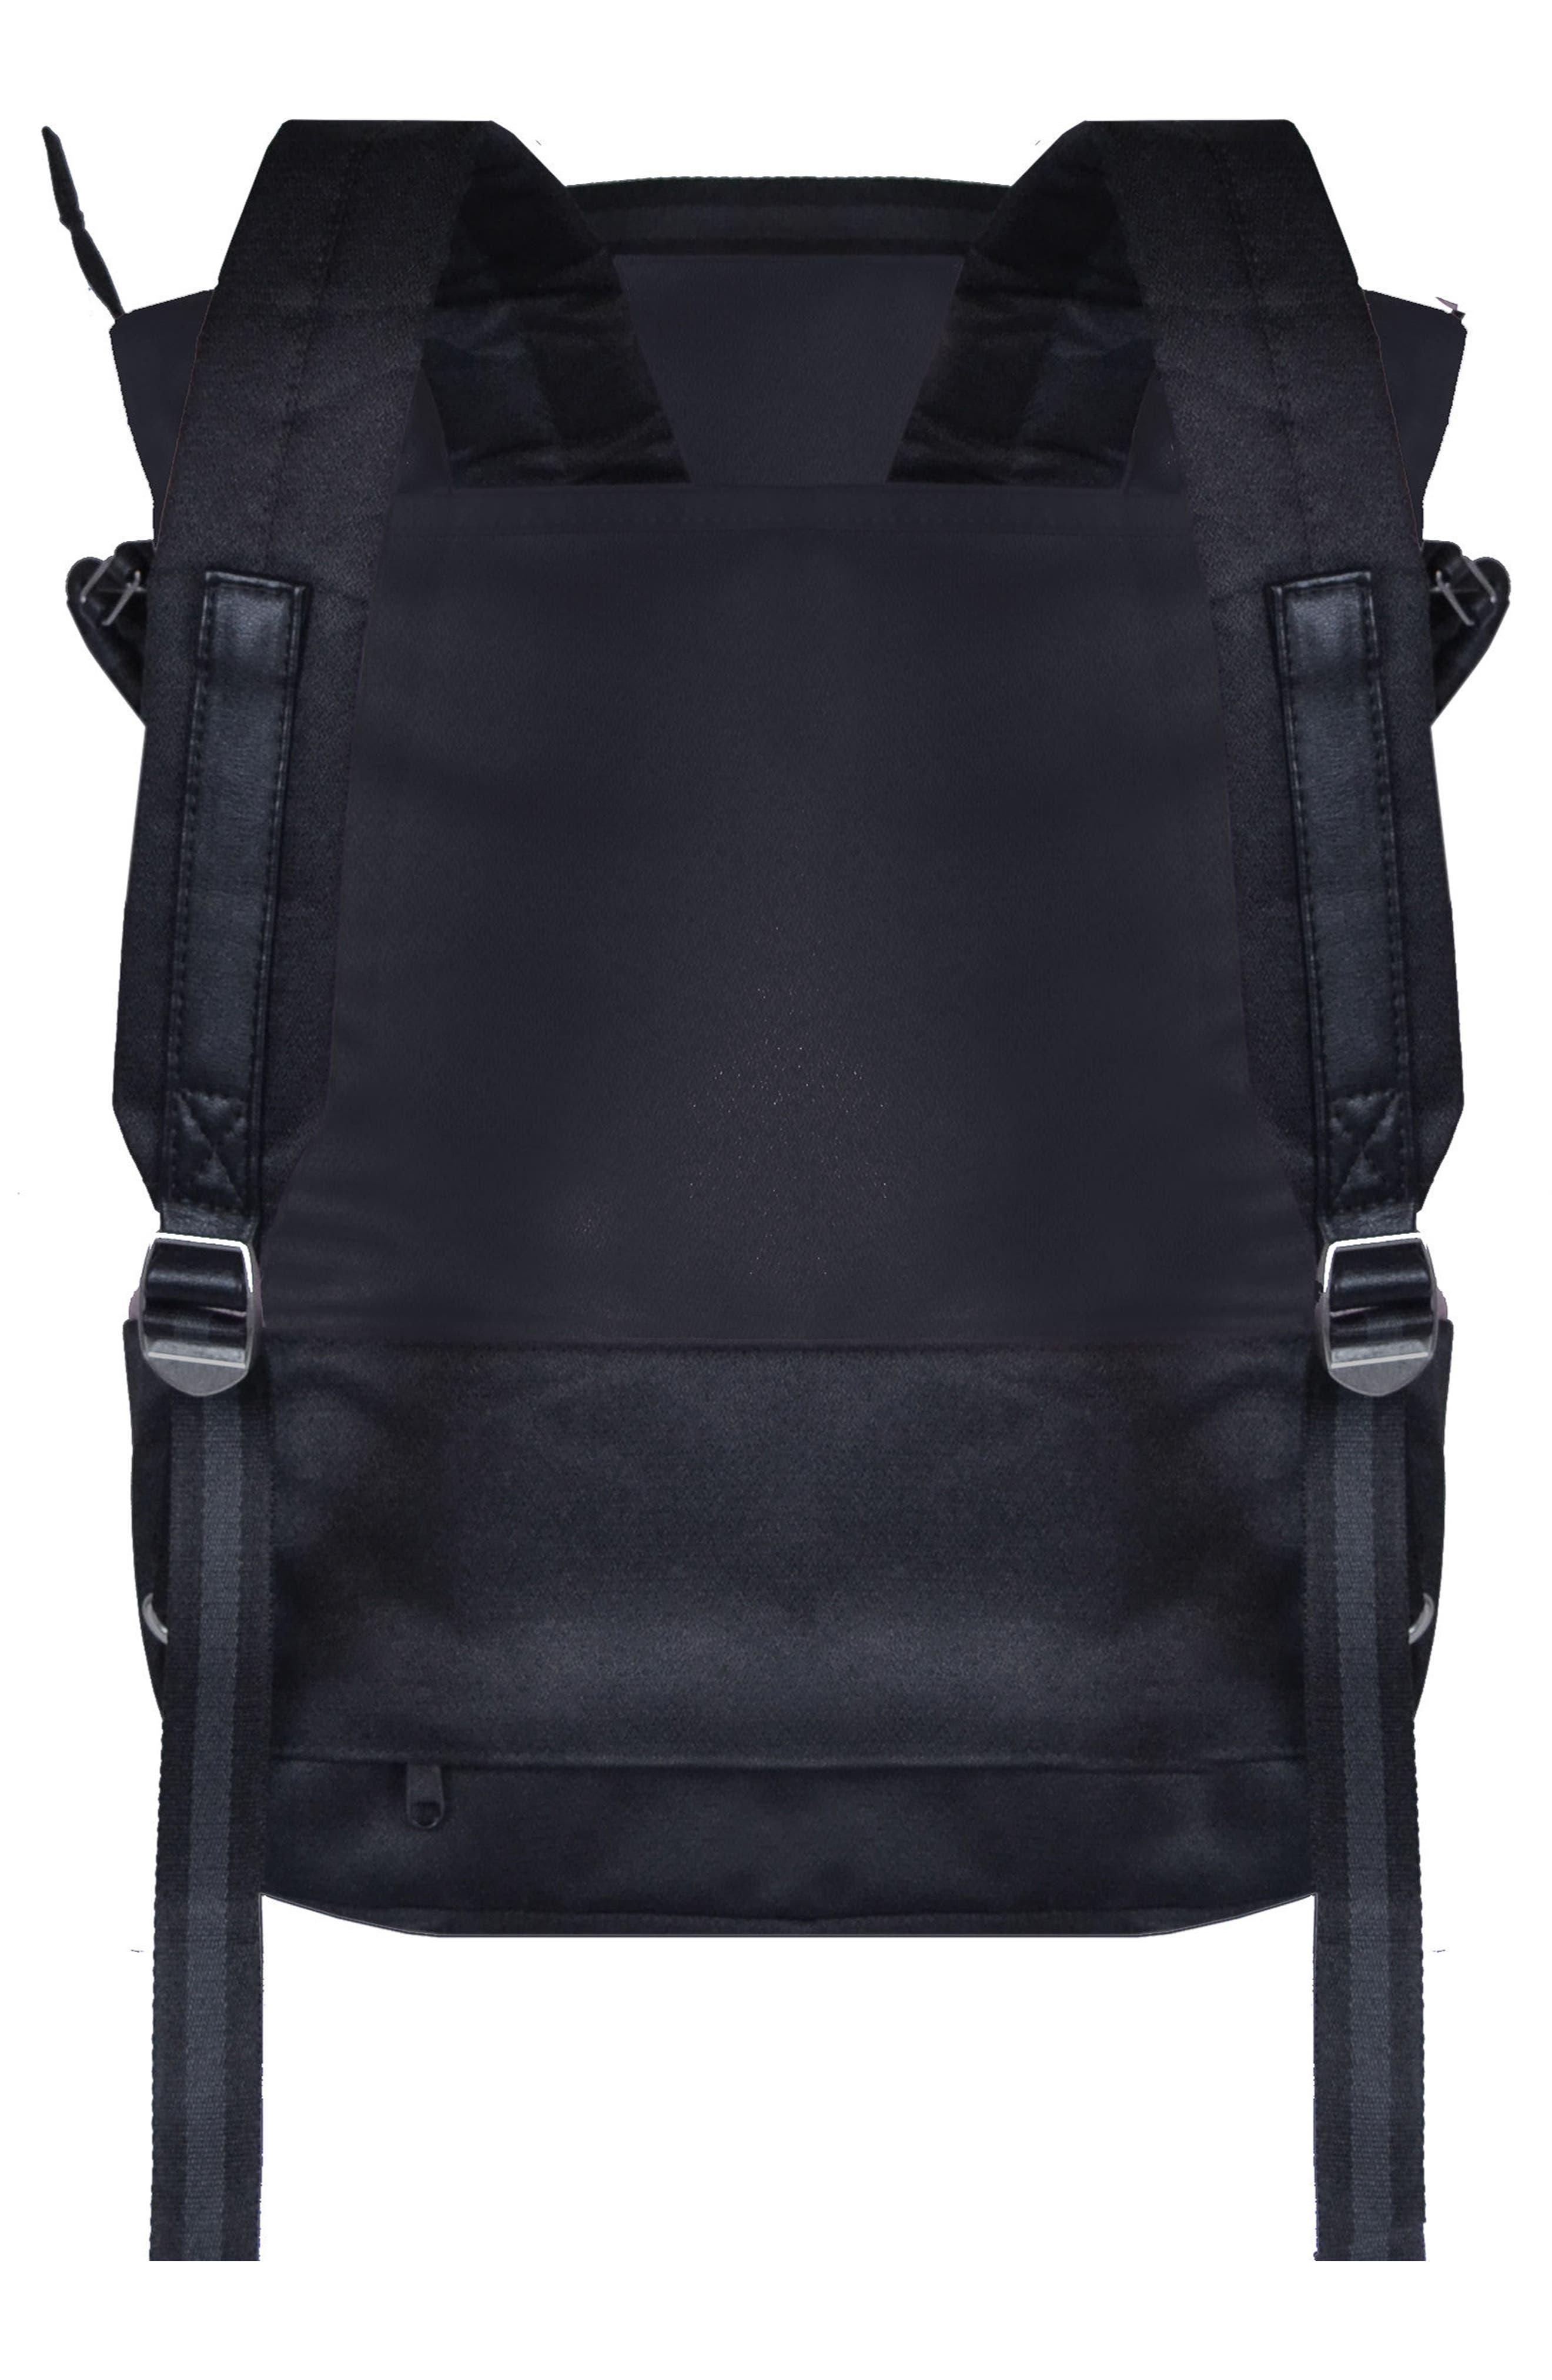 Black Convertible Backpack Purse- Fenix Toulouse Handball 882f974546e06